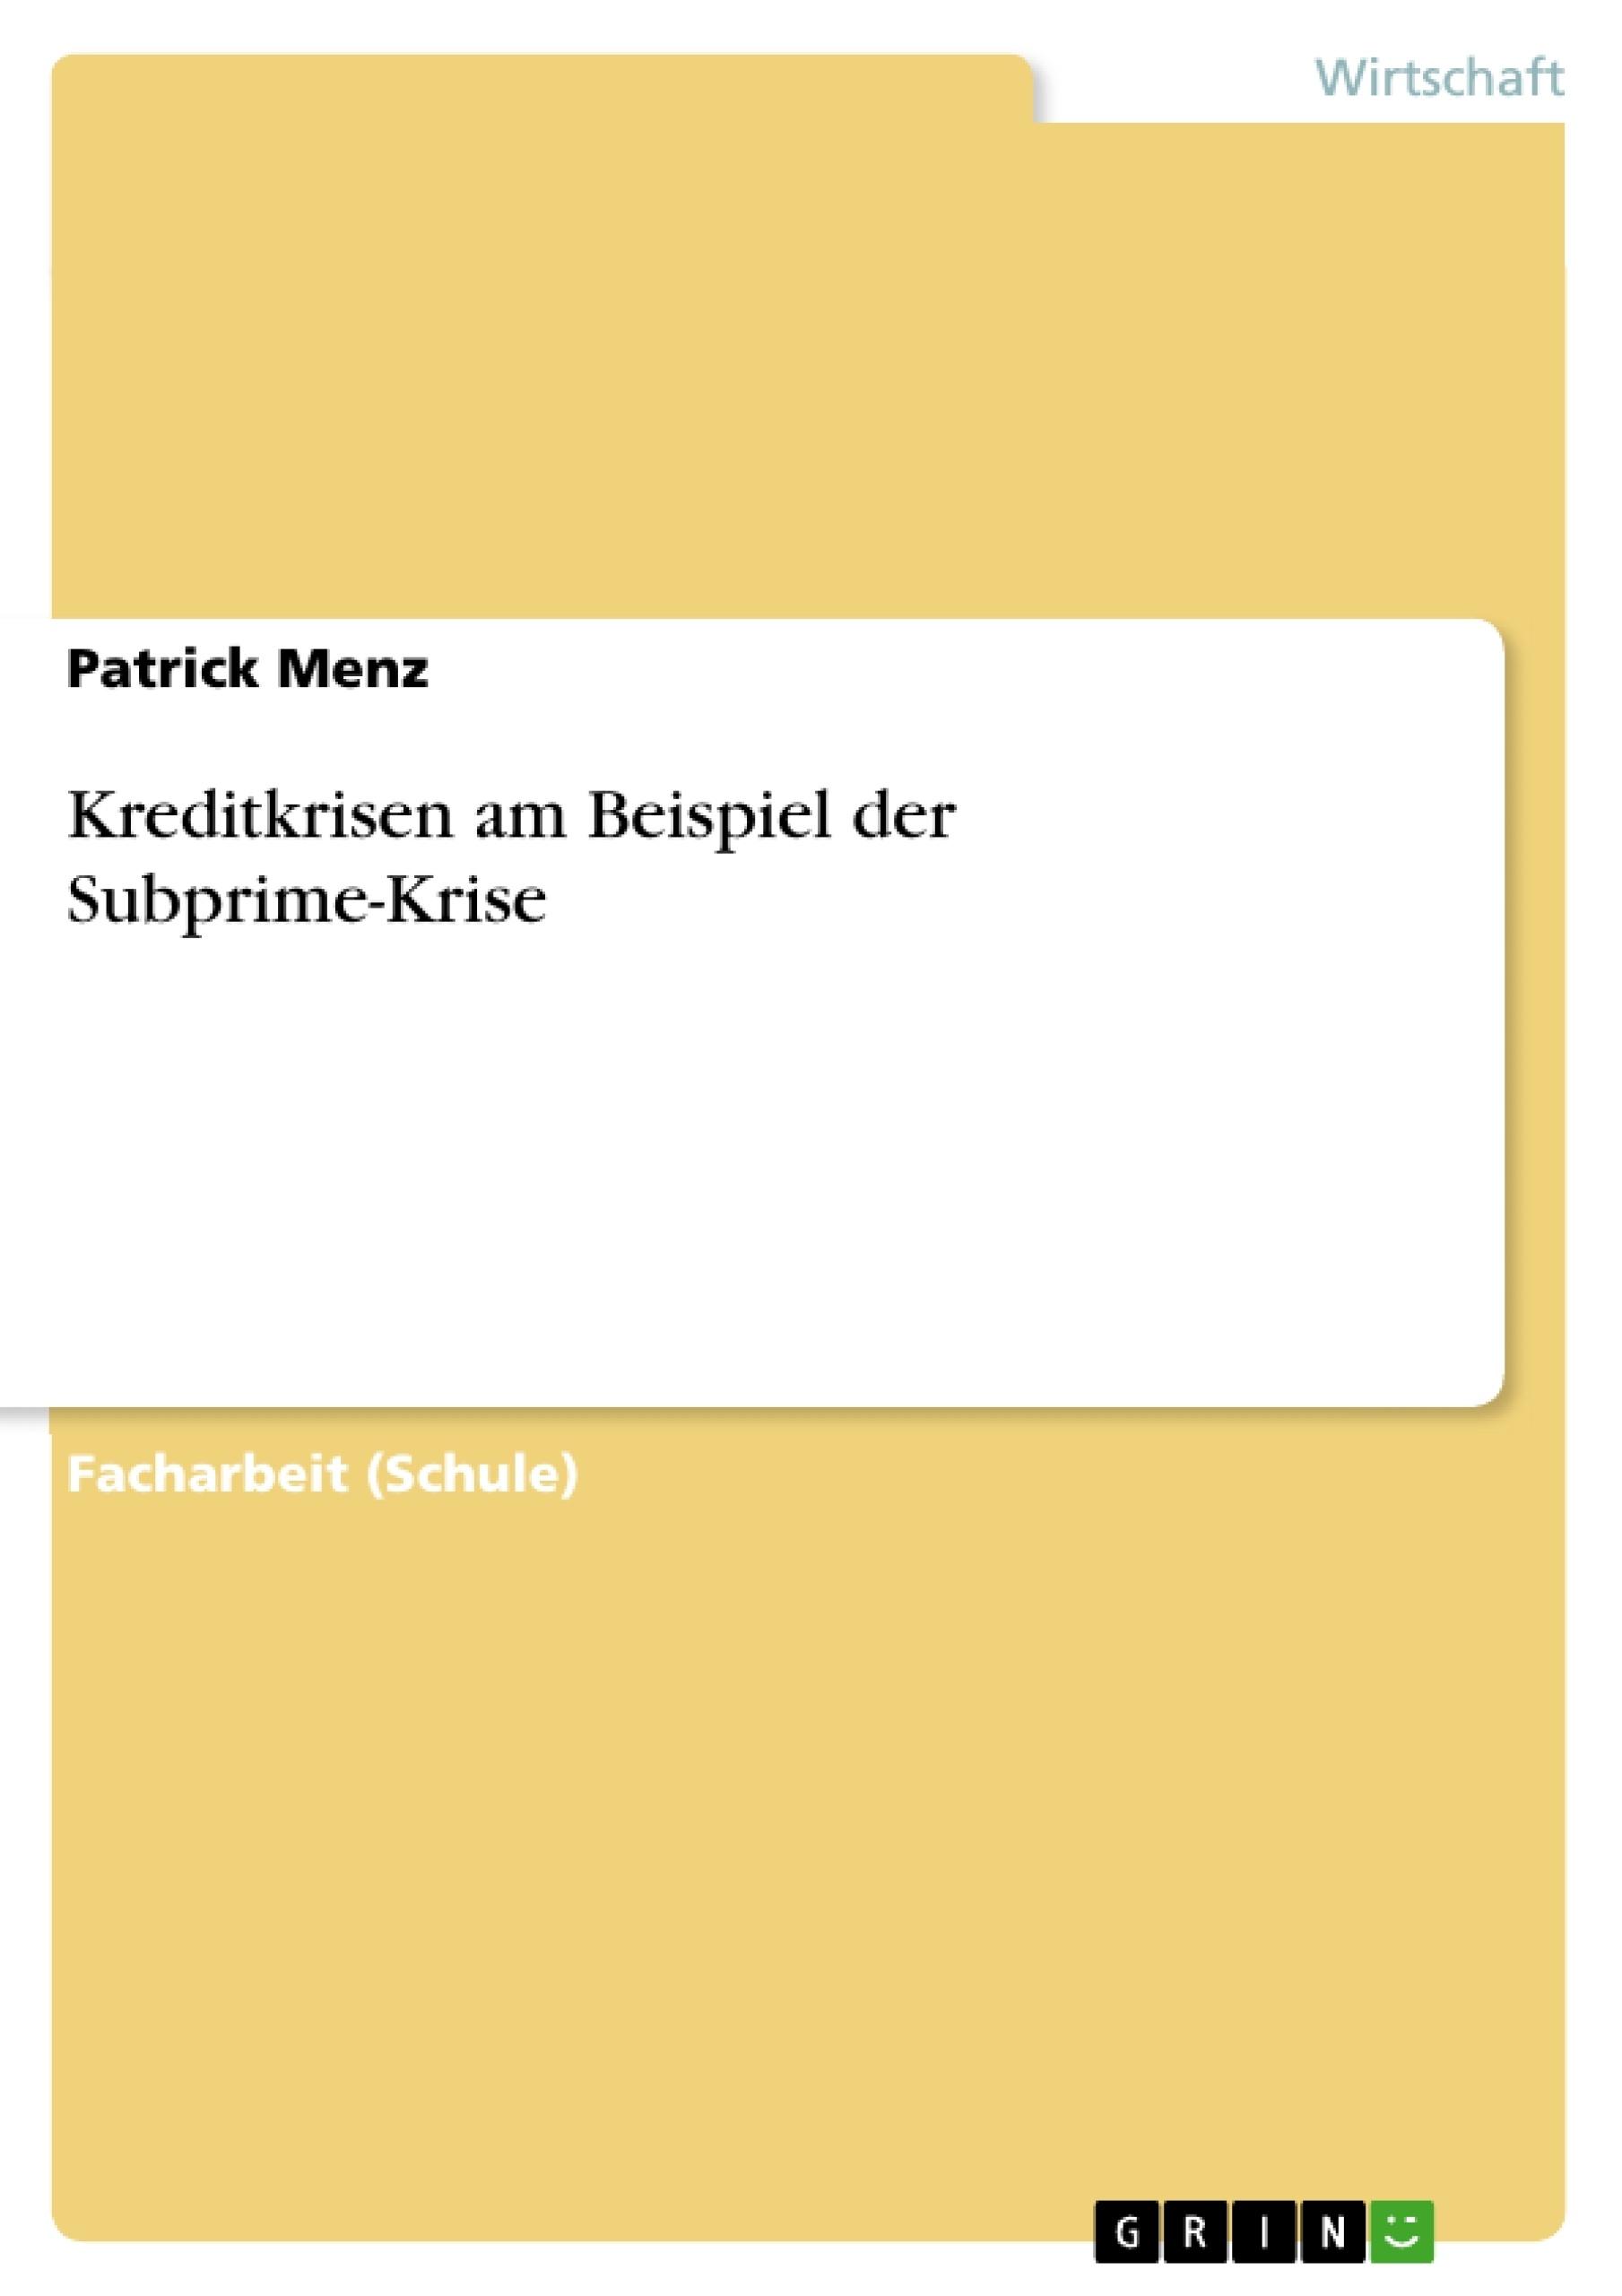 Titel: Kreditkrisen am Beispiel der Subprime-Krise